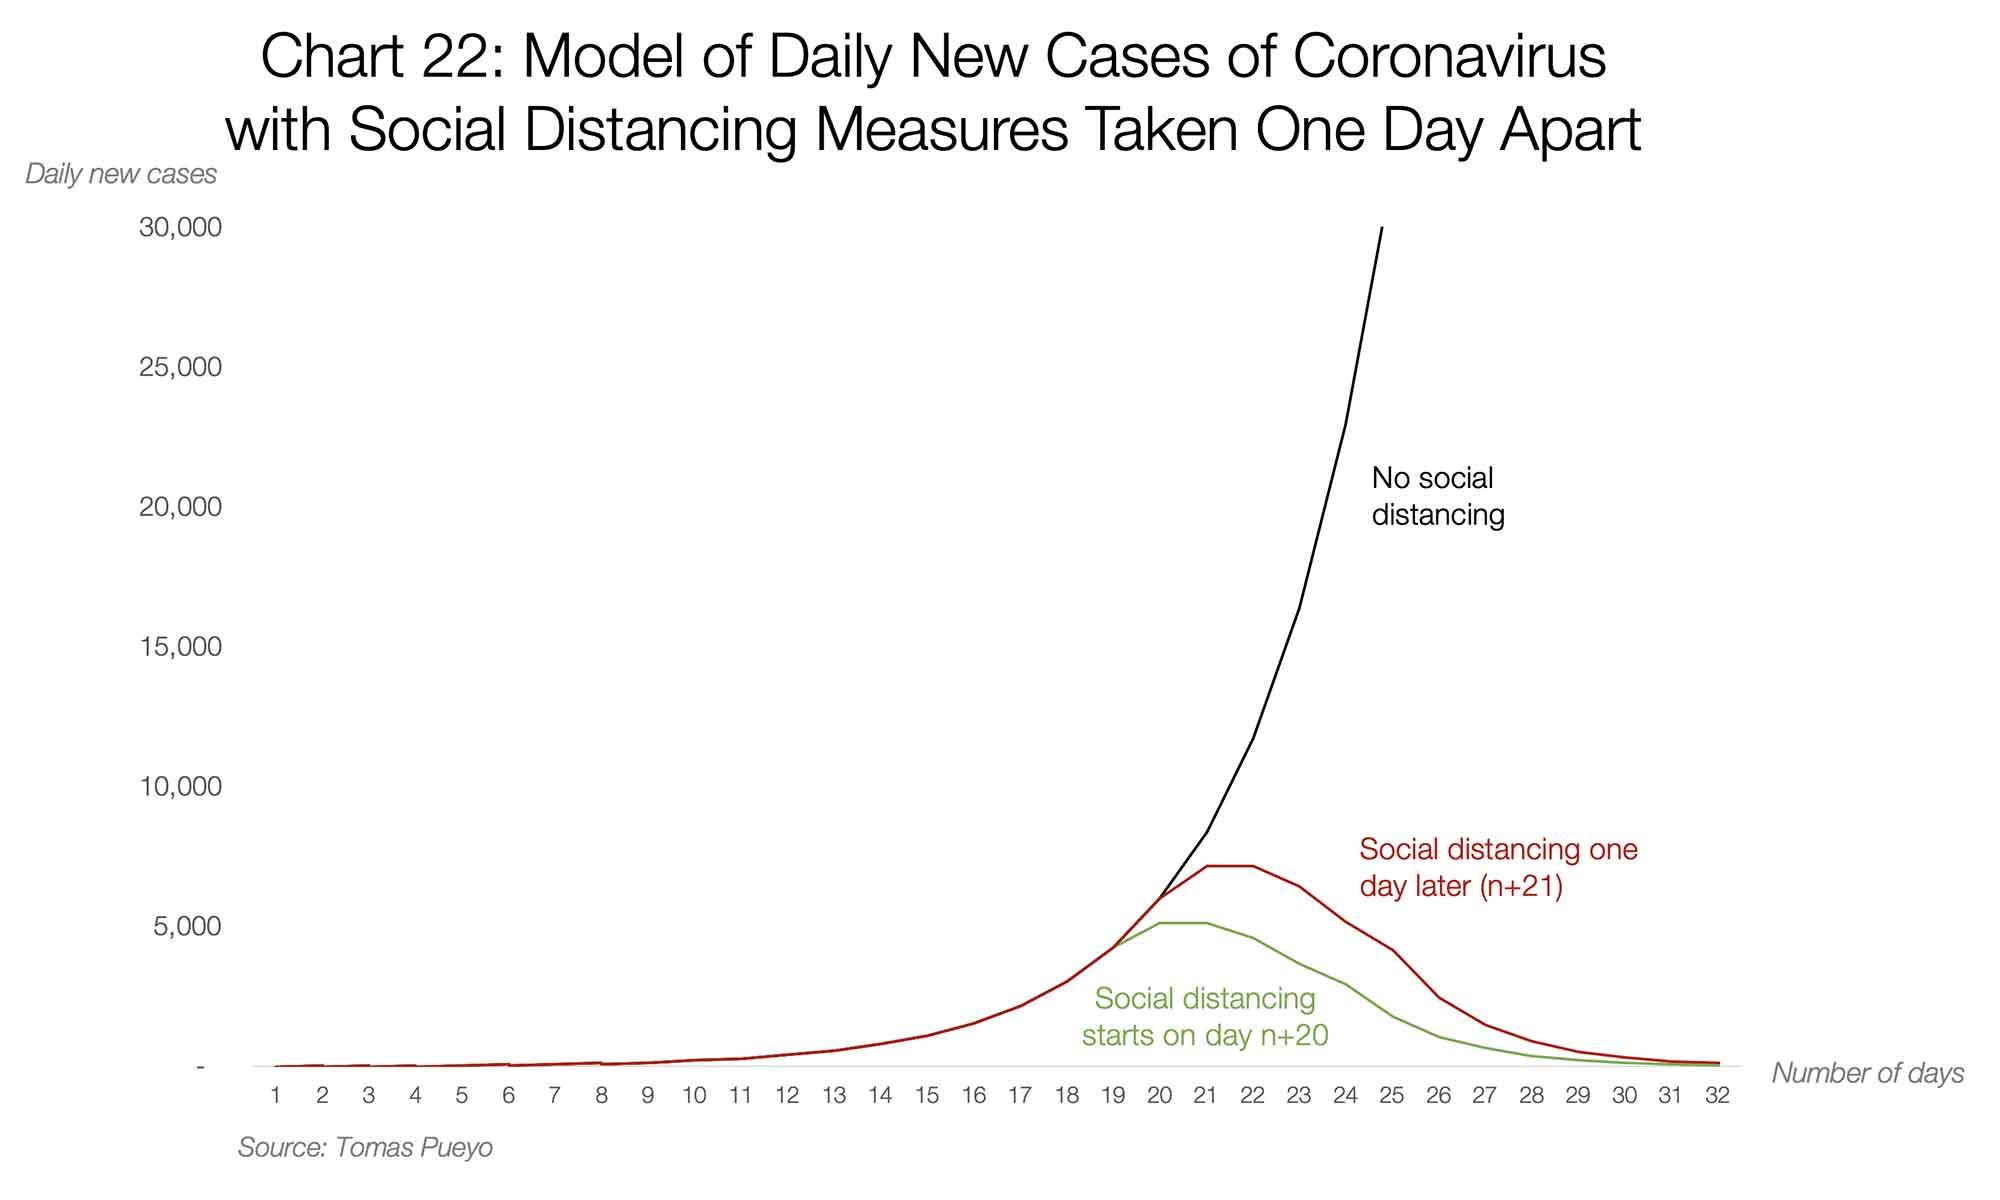 مدل تعداد مبتلایان جدید در هر روز